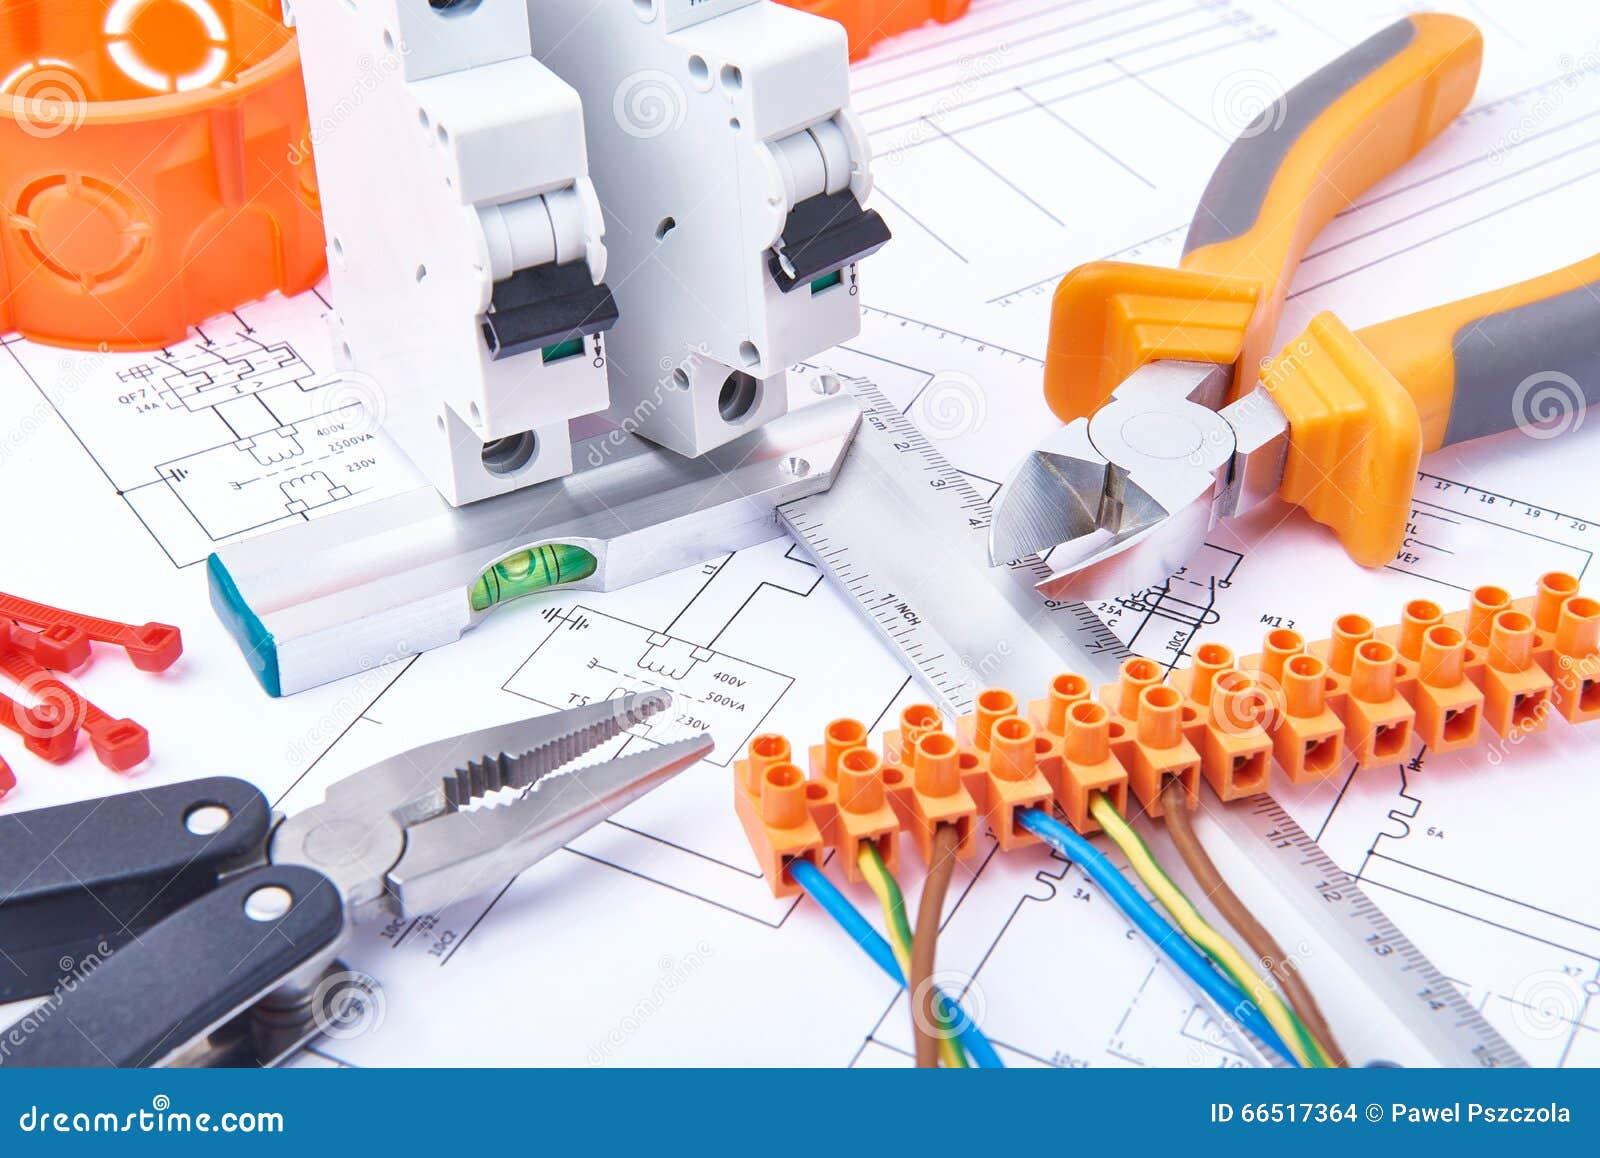 Componentes para o uso nas instalações elétricas Corte alicates, conectores, fusíveis e fios Acessórios para o trabalho de engenh